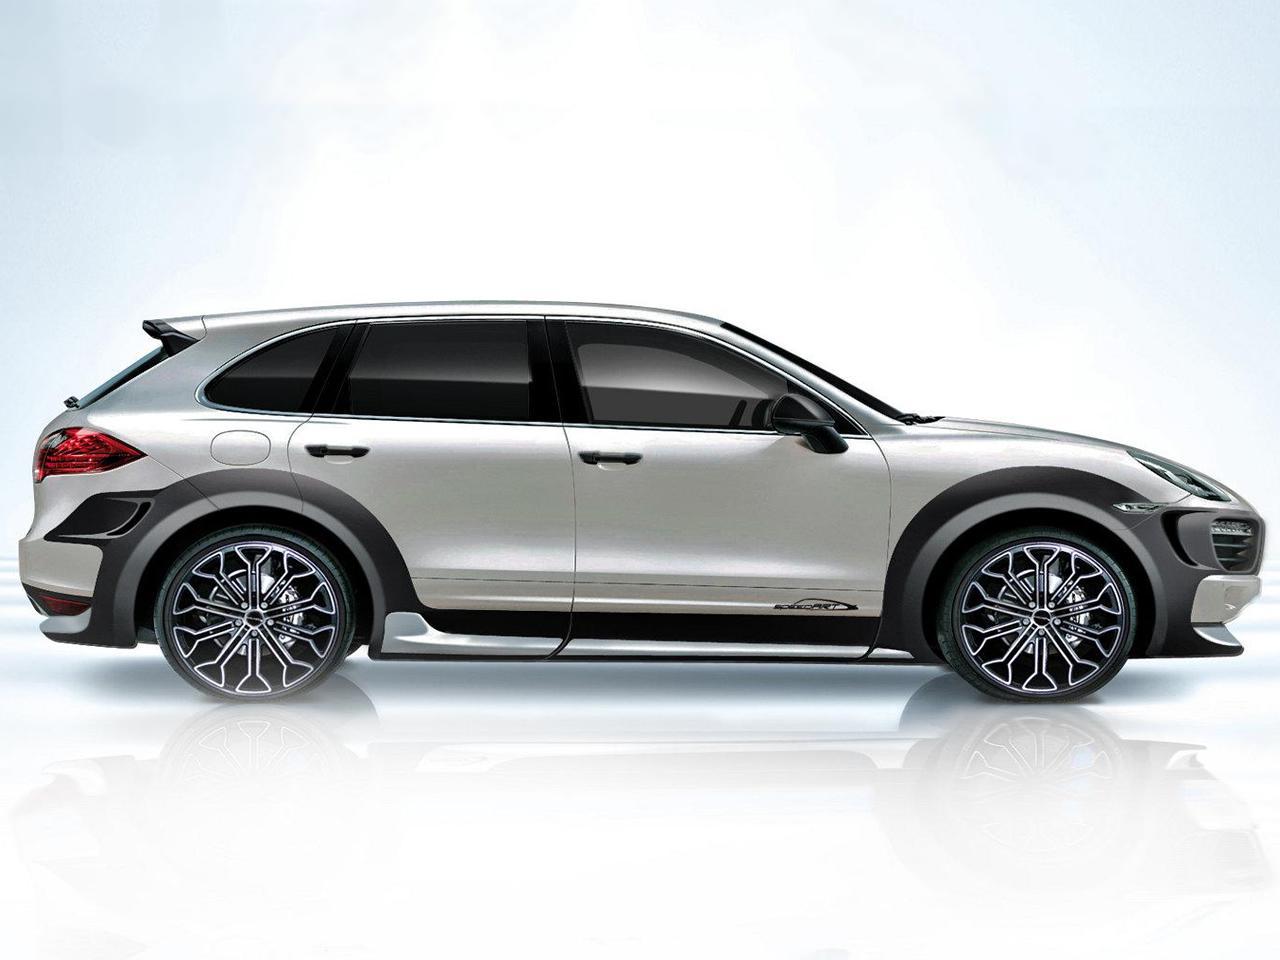 http://3.bp.blogspot.com/_vY3COZl9LT8/TRdZO7oaK3I/AAAAAAAAFxU/v9yDBOKHuDk/s1600/speedART-TITAN-EVO-Porsche-Cayenne-2011-Side-View.jpg